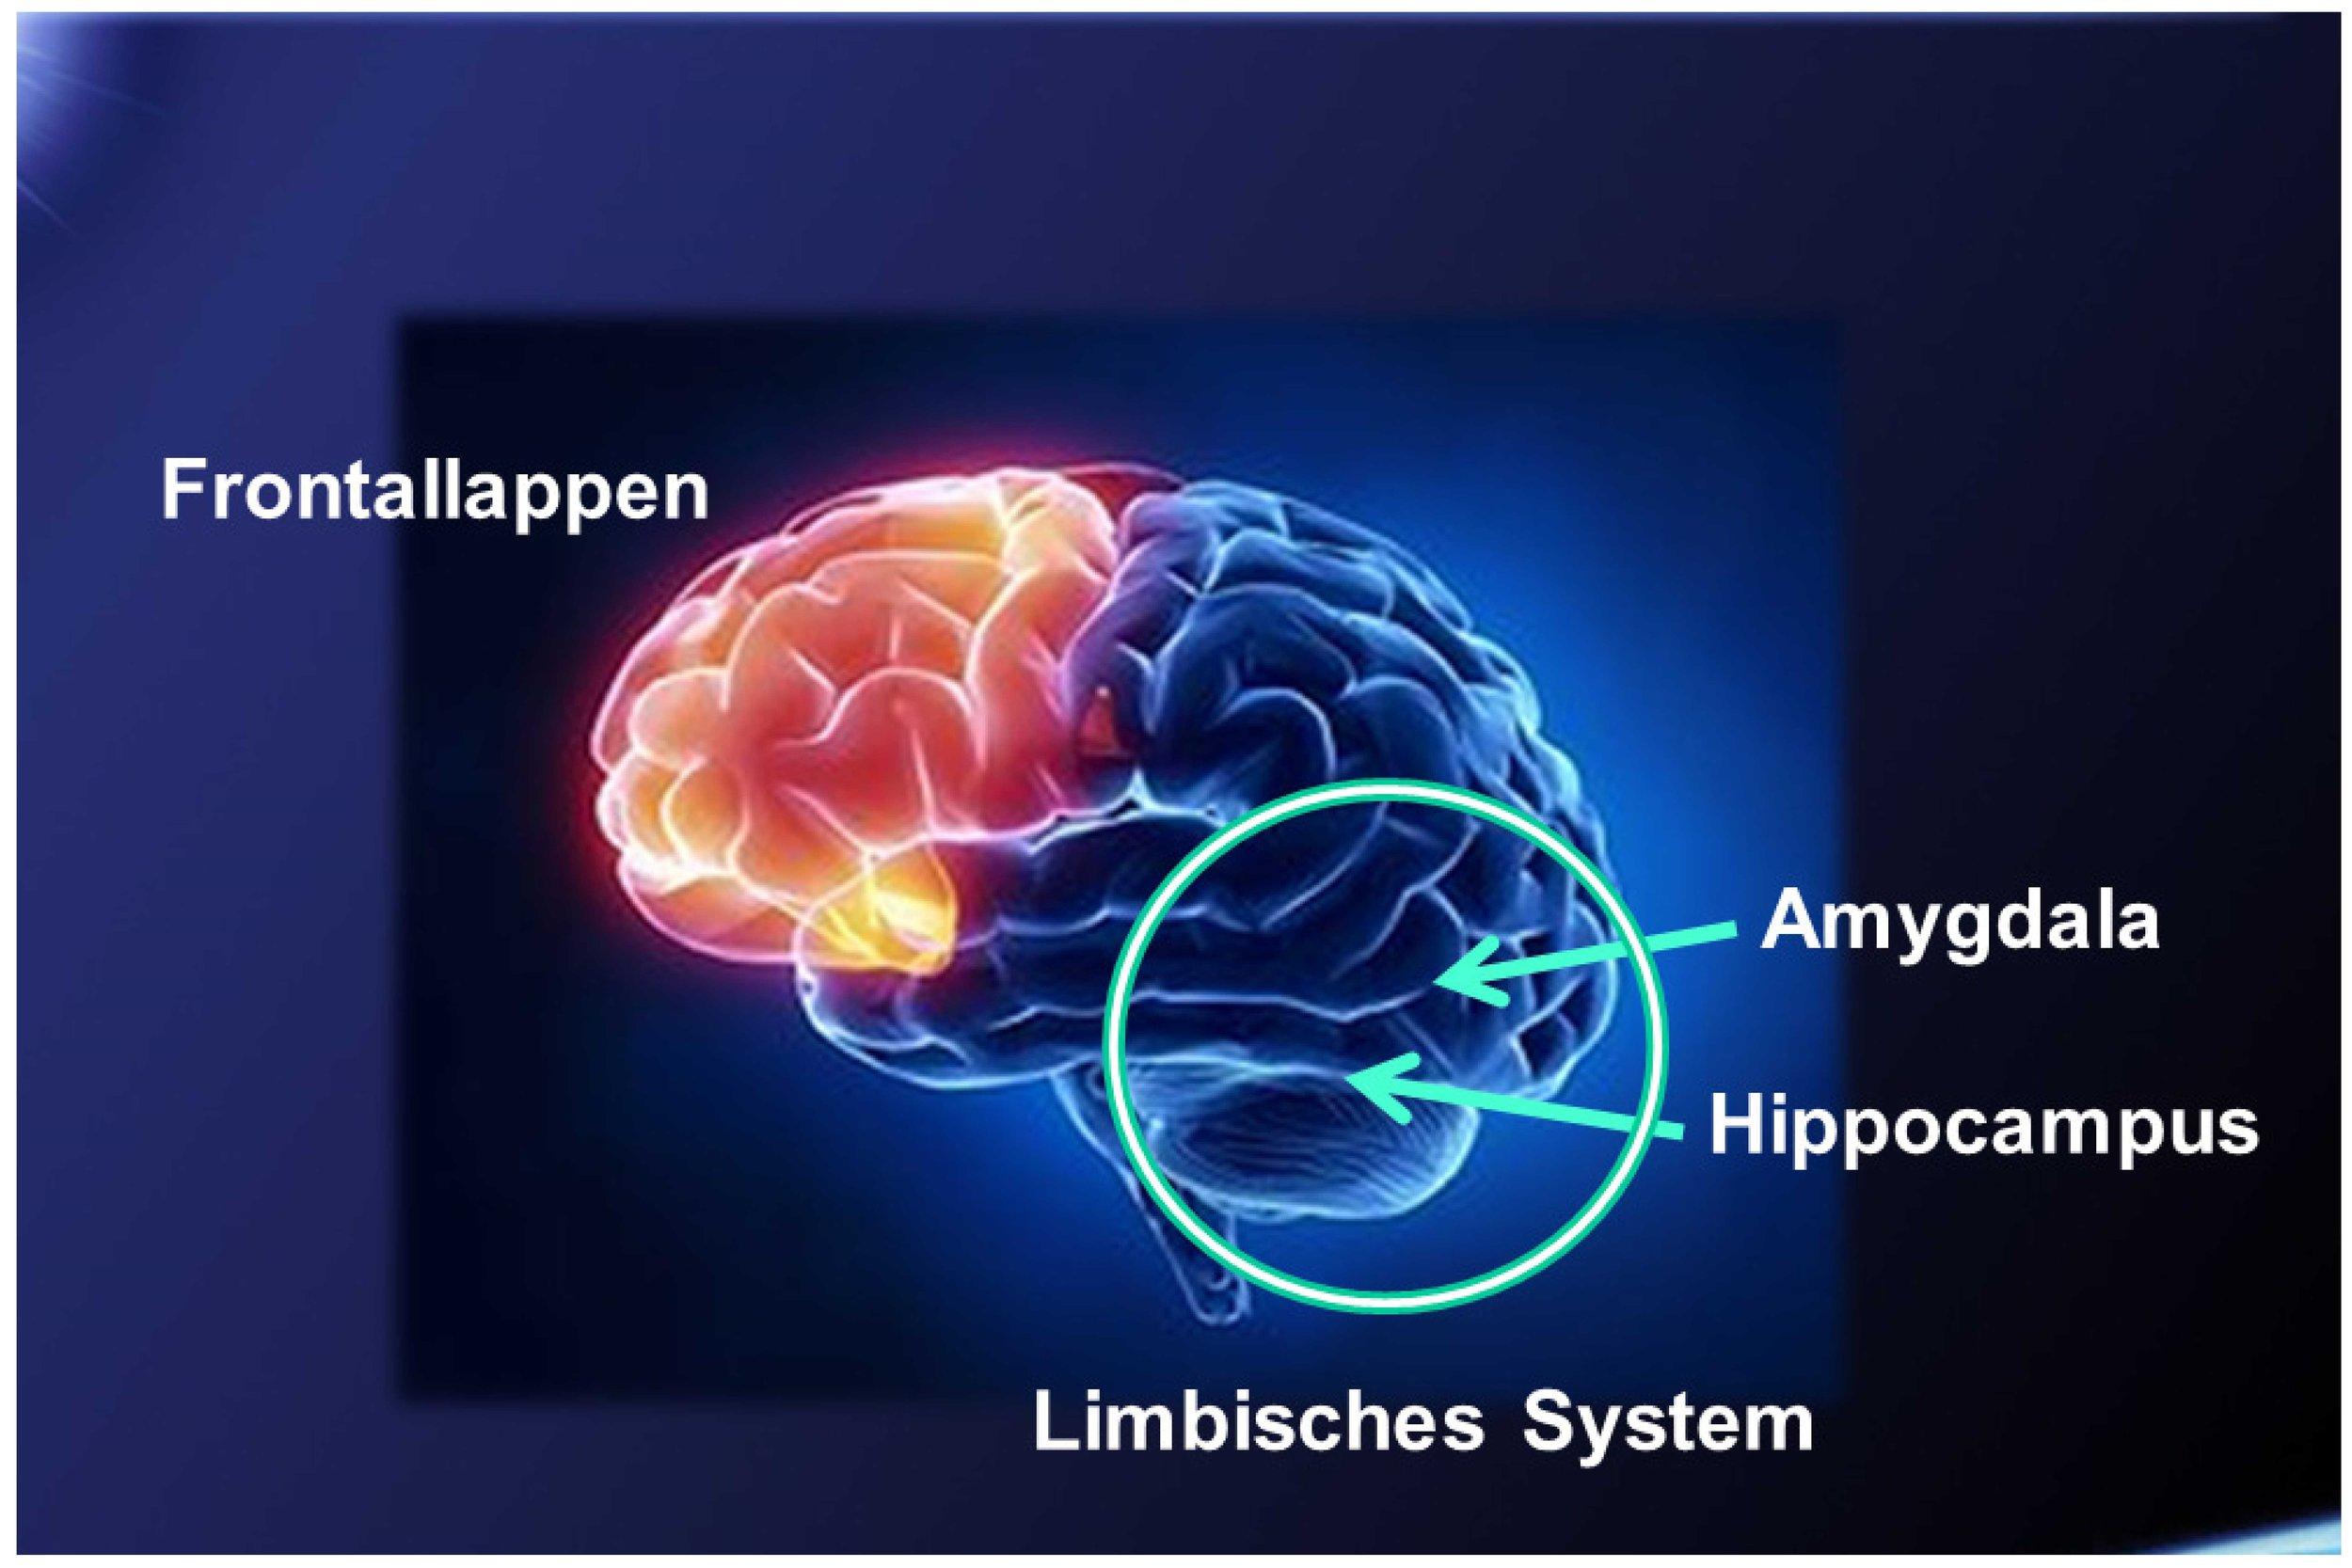 """Amygdala steht für Angstzentrum, Hippocampus ist die Schaltstelle im Limbischen System, welches der Verarbeitung von Emotionen und der Entstehung unseres Triebverhaltens dient und wo die Endorphine (Glückshormone) ausgeschüttet werden.     Der Frontallappen gilt allgemein als Sitz der Persönlichkeit und des Sozialverhaltens. Er wird auch manchmal das """"Organ der Zivilisation"""" genannt. Dort ist die Moral, das Gewissen, die Entscheidungskraft und der Wille gespeichert, respektive wird dort entwickelt. Dieser Teil steht in starker Wechselbeziehung mit dem Limbischen System."""